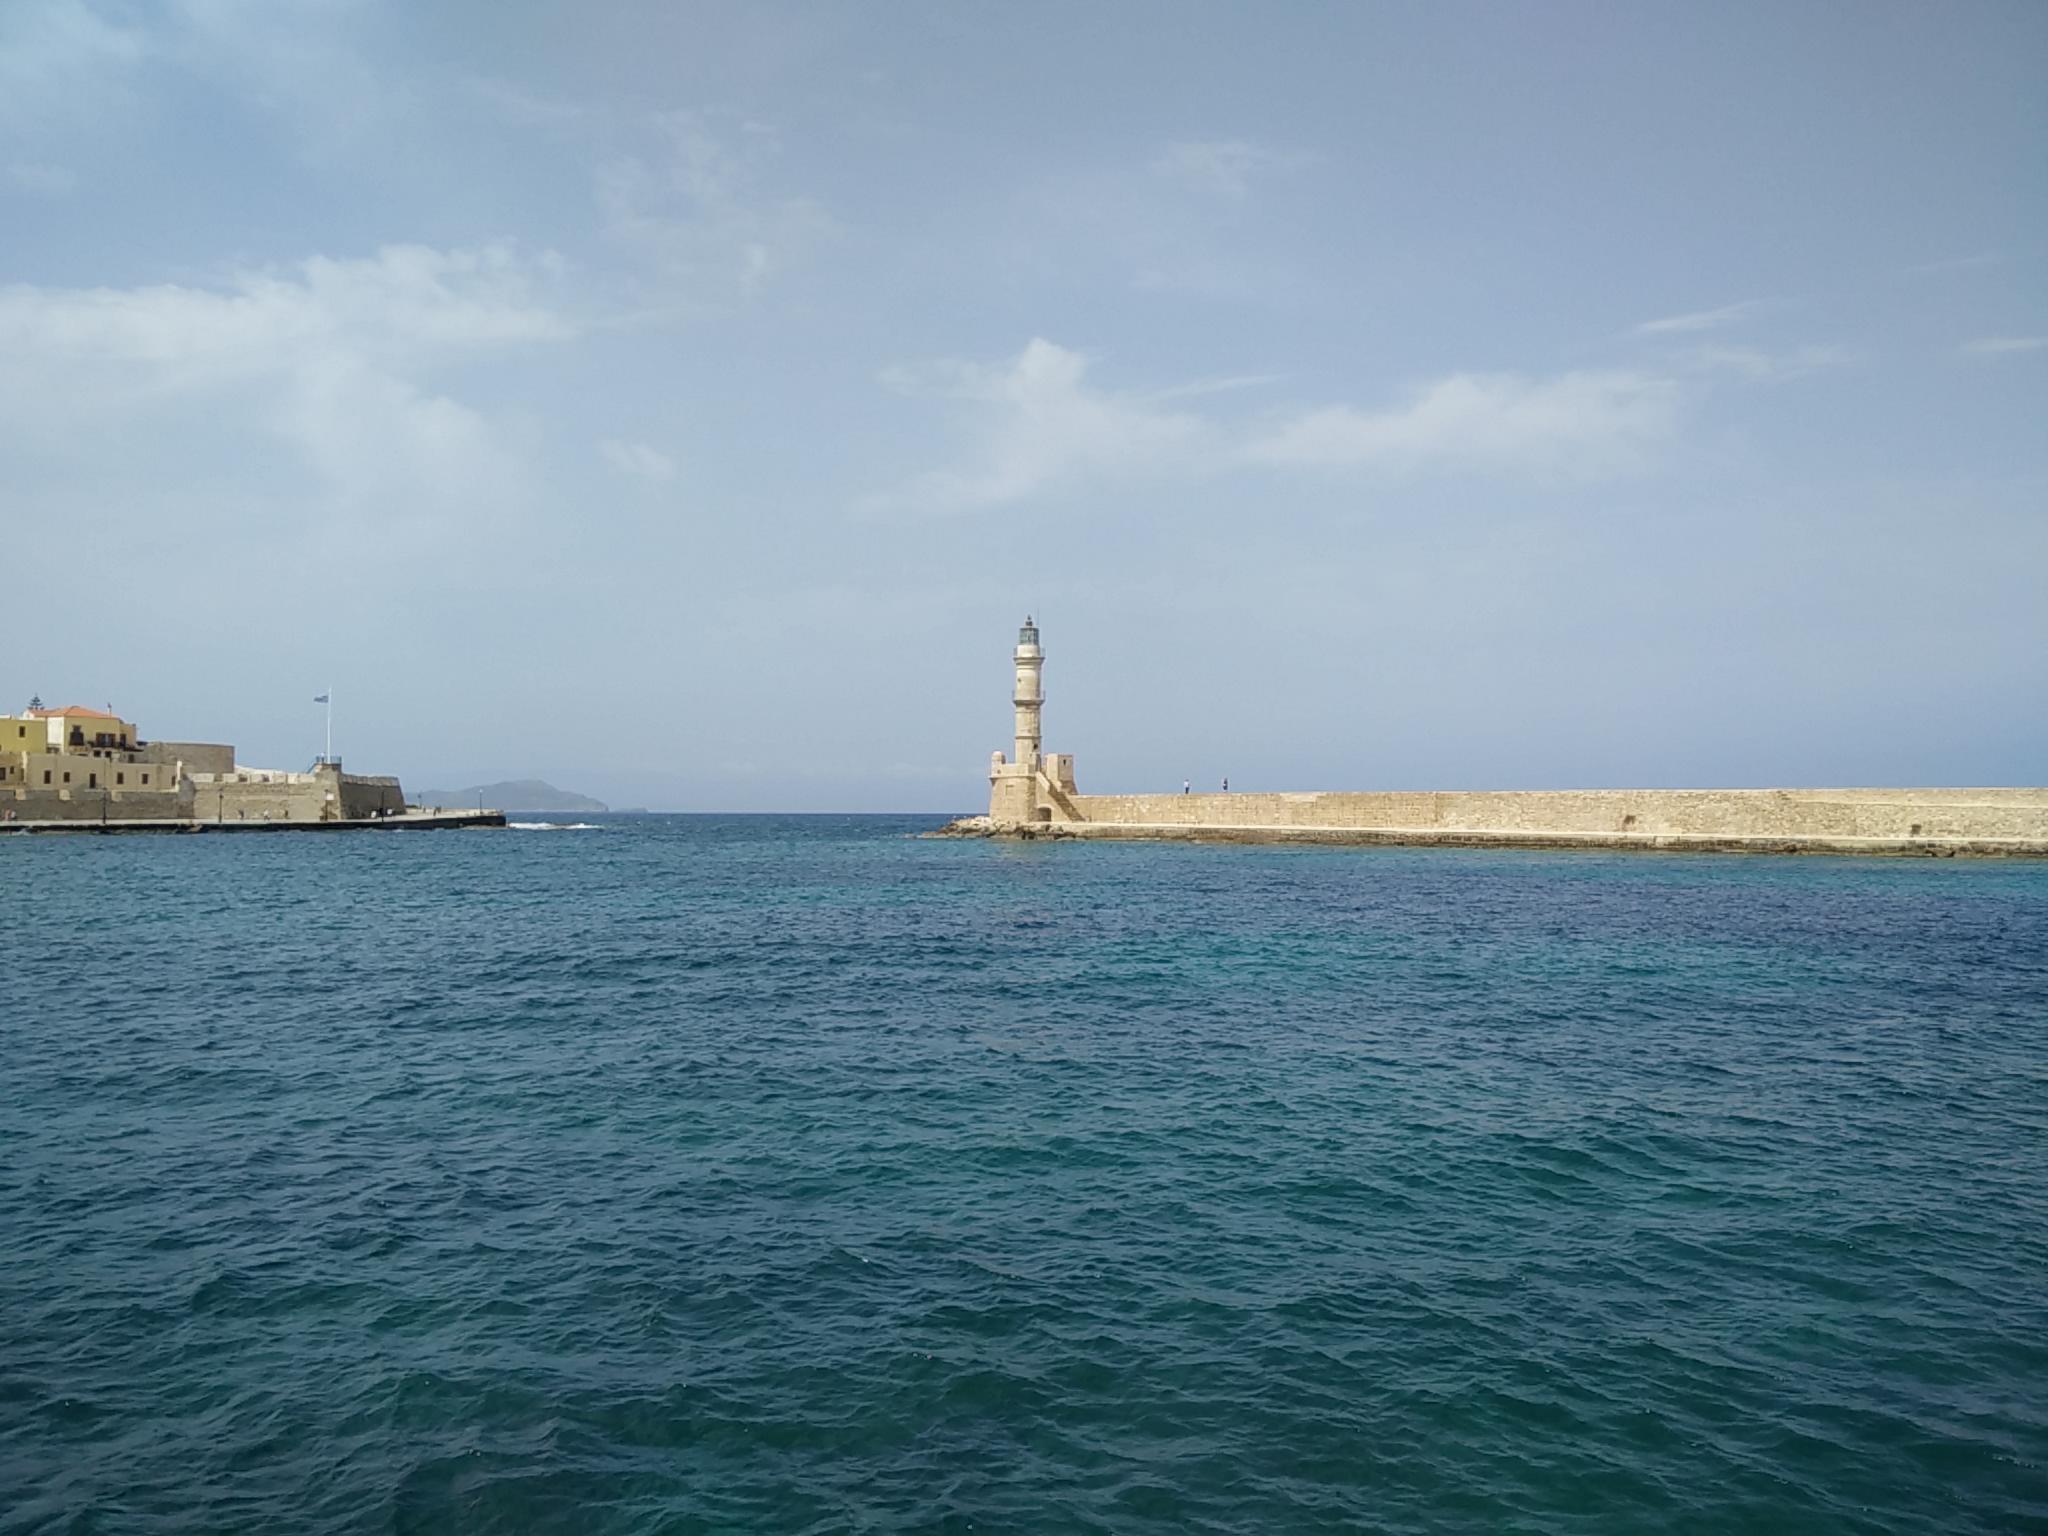 Viaggio da sola a Creta, tour di 5 giorni - In viaggio da sola